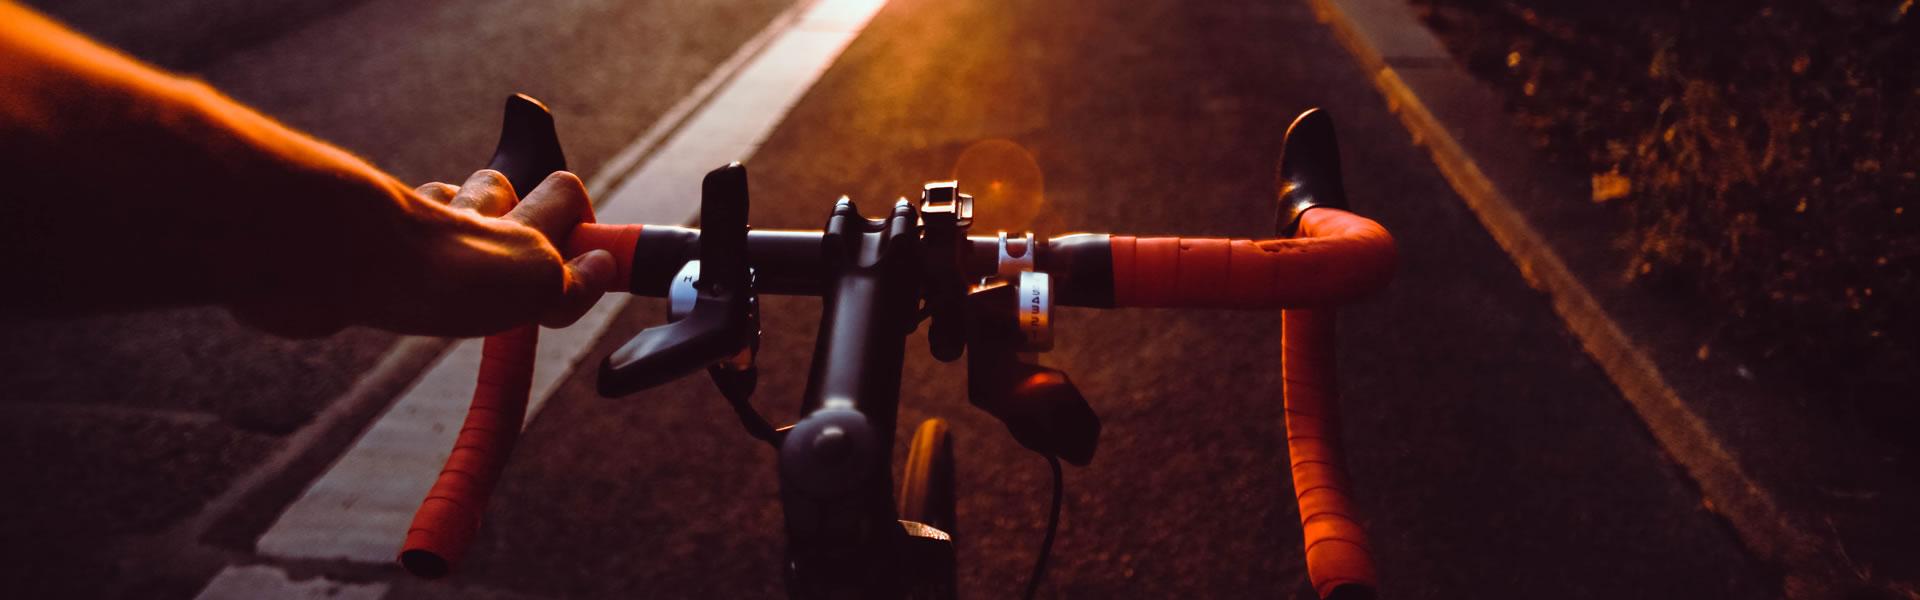 Deporte Ciclismo